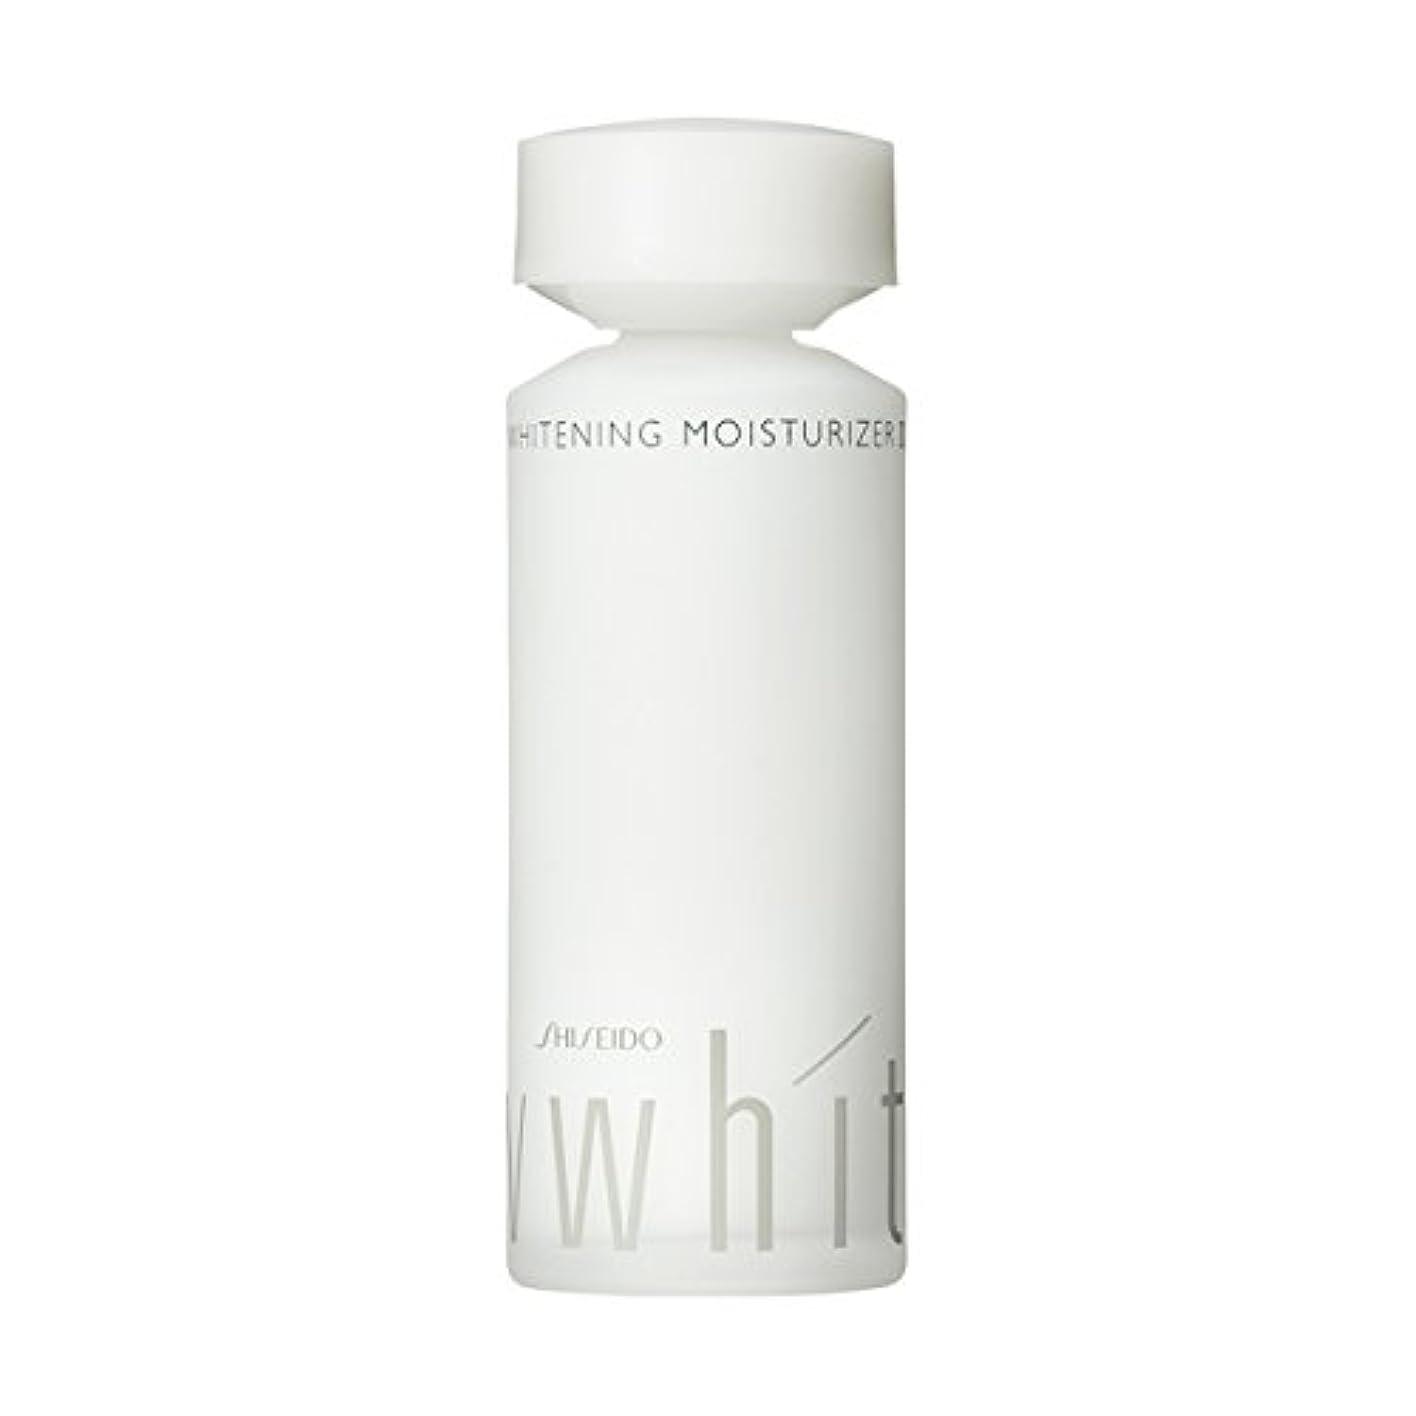 独立してひらめき会話UVホワイト ホワイトニング モイスチャーライザー 2 100mL 【医薬部外品】